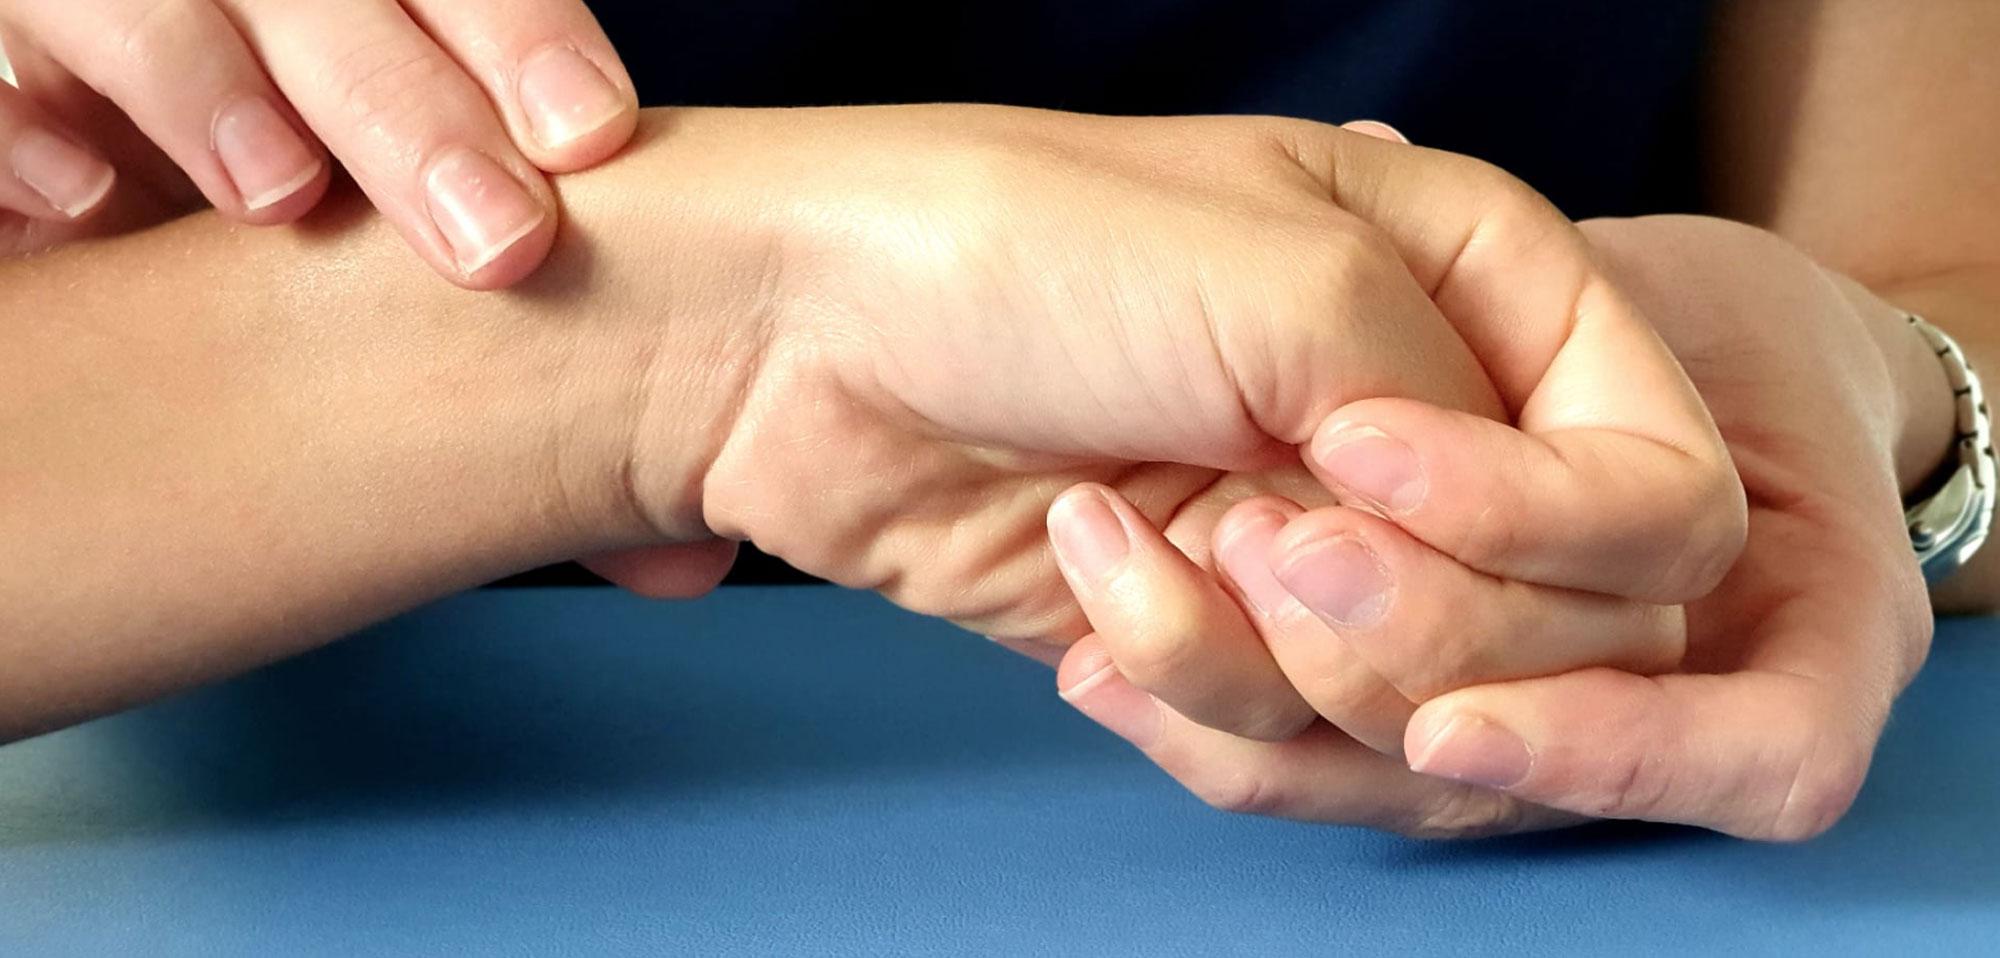 Tendinite de De Quervain, pathologie fréquente de la main